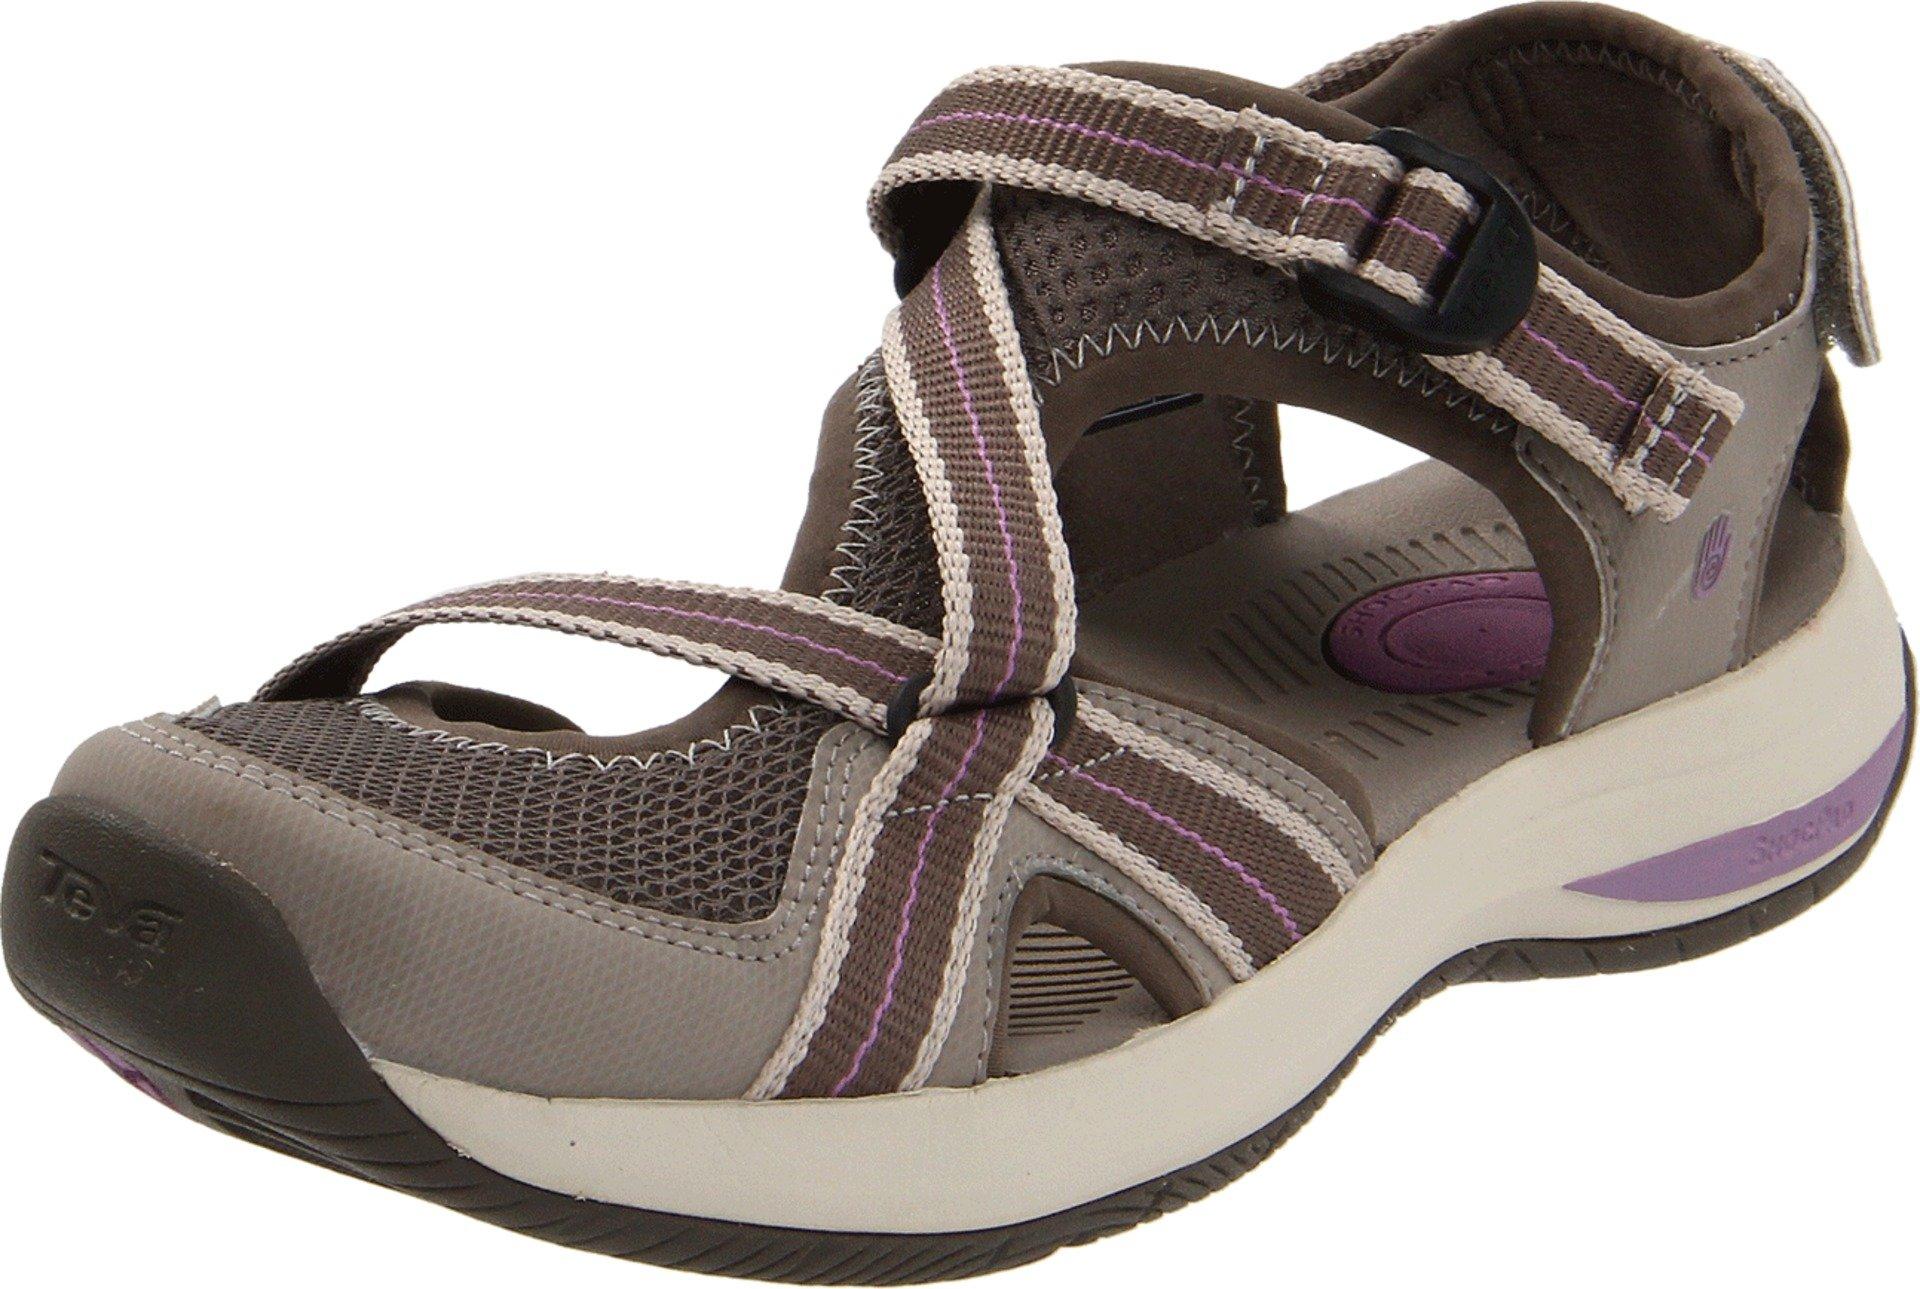 Teva Women's Ewaso Sandal,Brown,5.5 M US